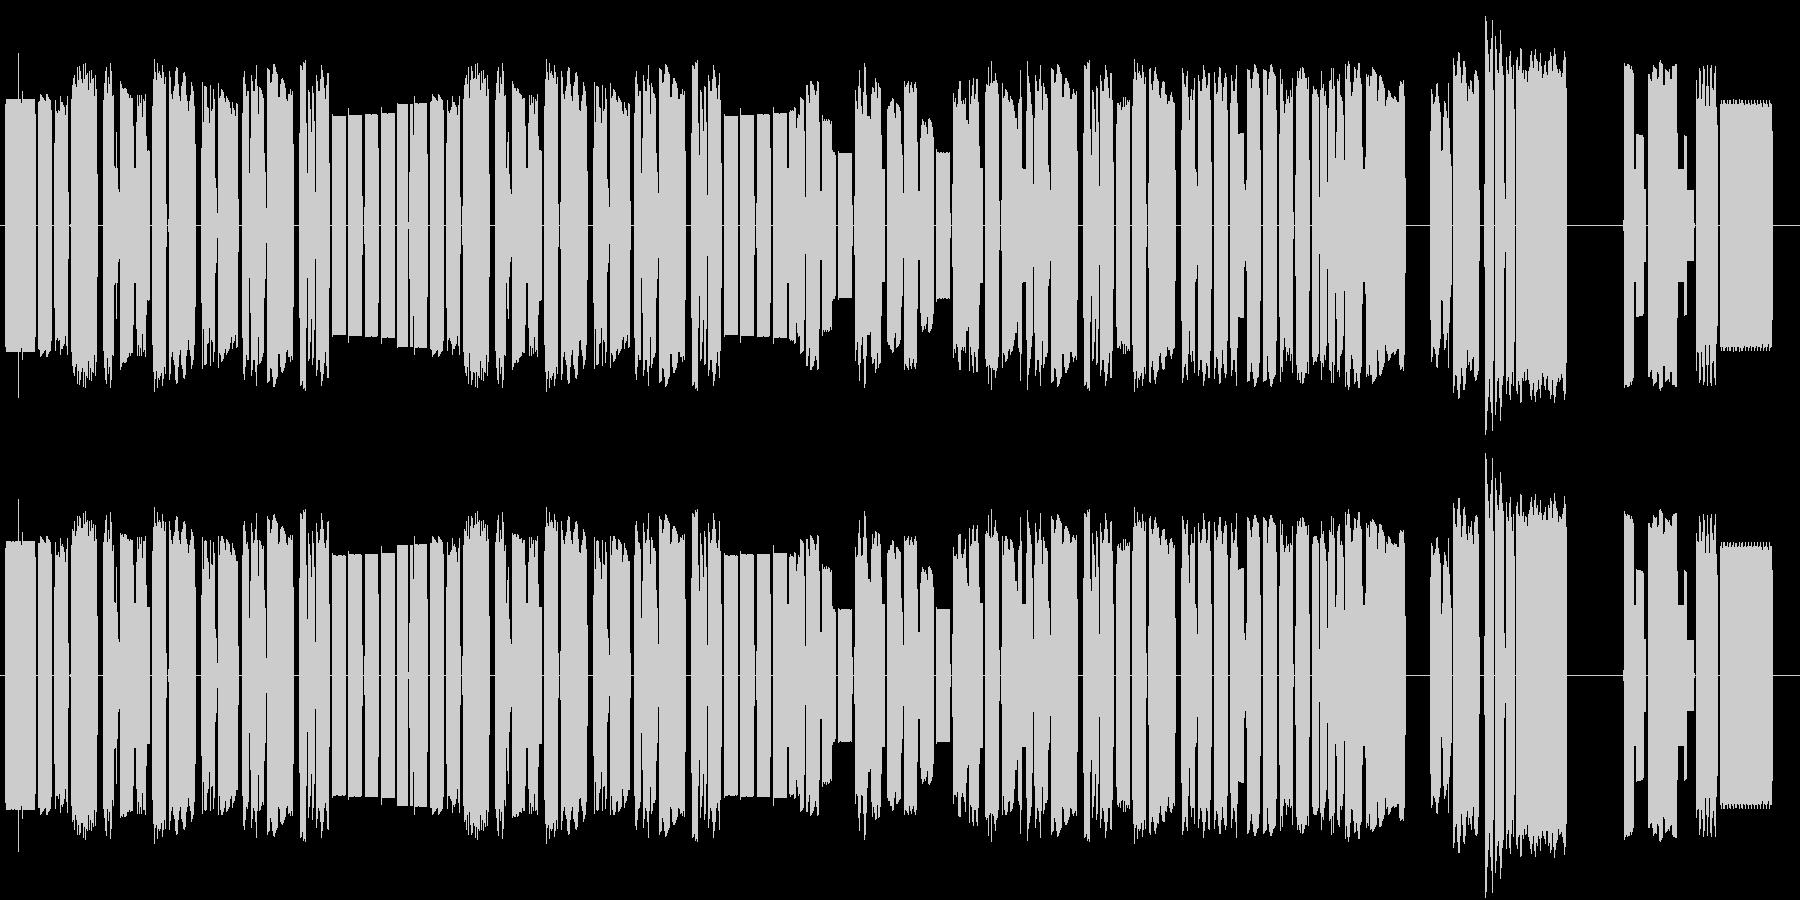 アメリカ国歌星条旗の8bitサウンドの未再生の波形